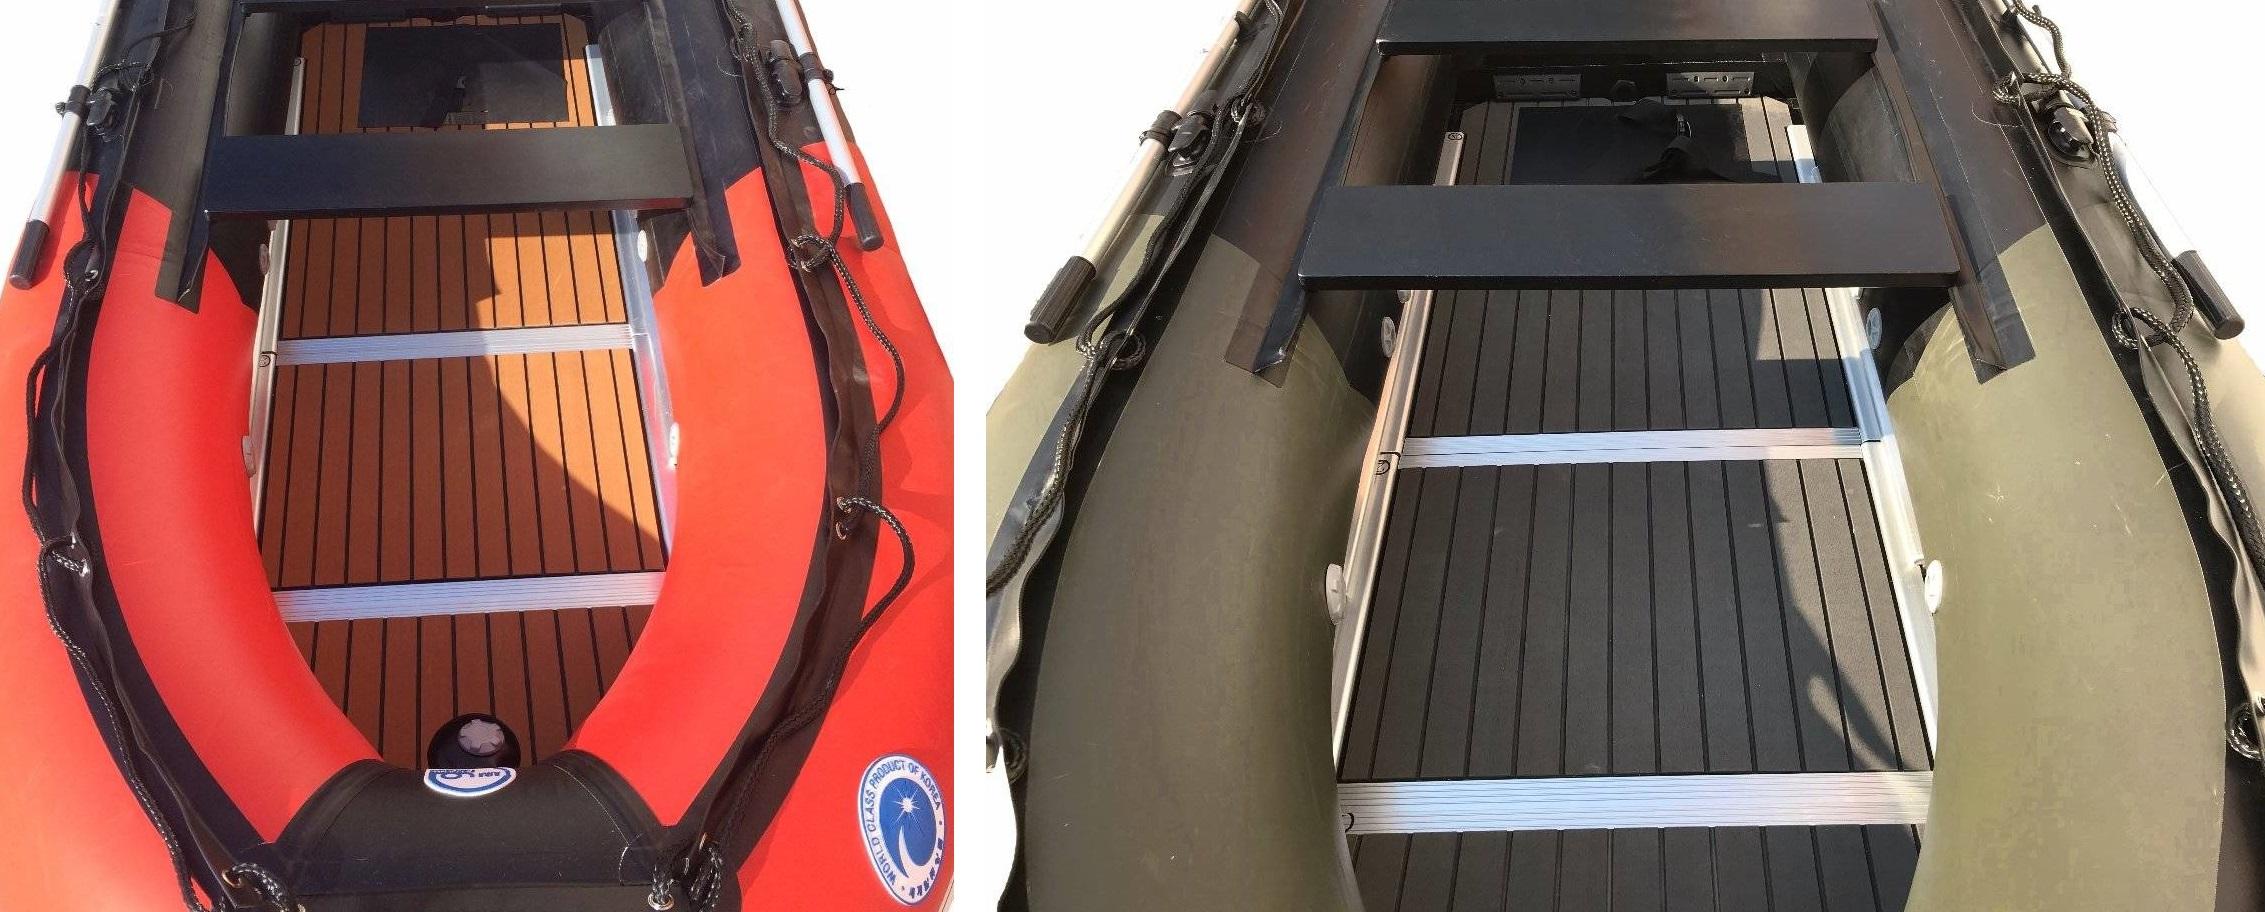 Тиковое покрытие палубы лодок ПВХ Stormline серии Flexiteek